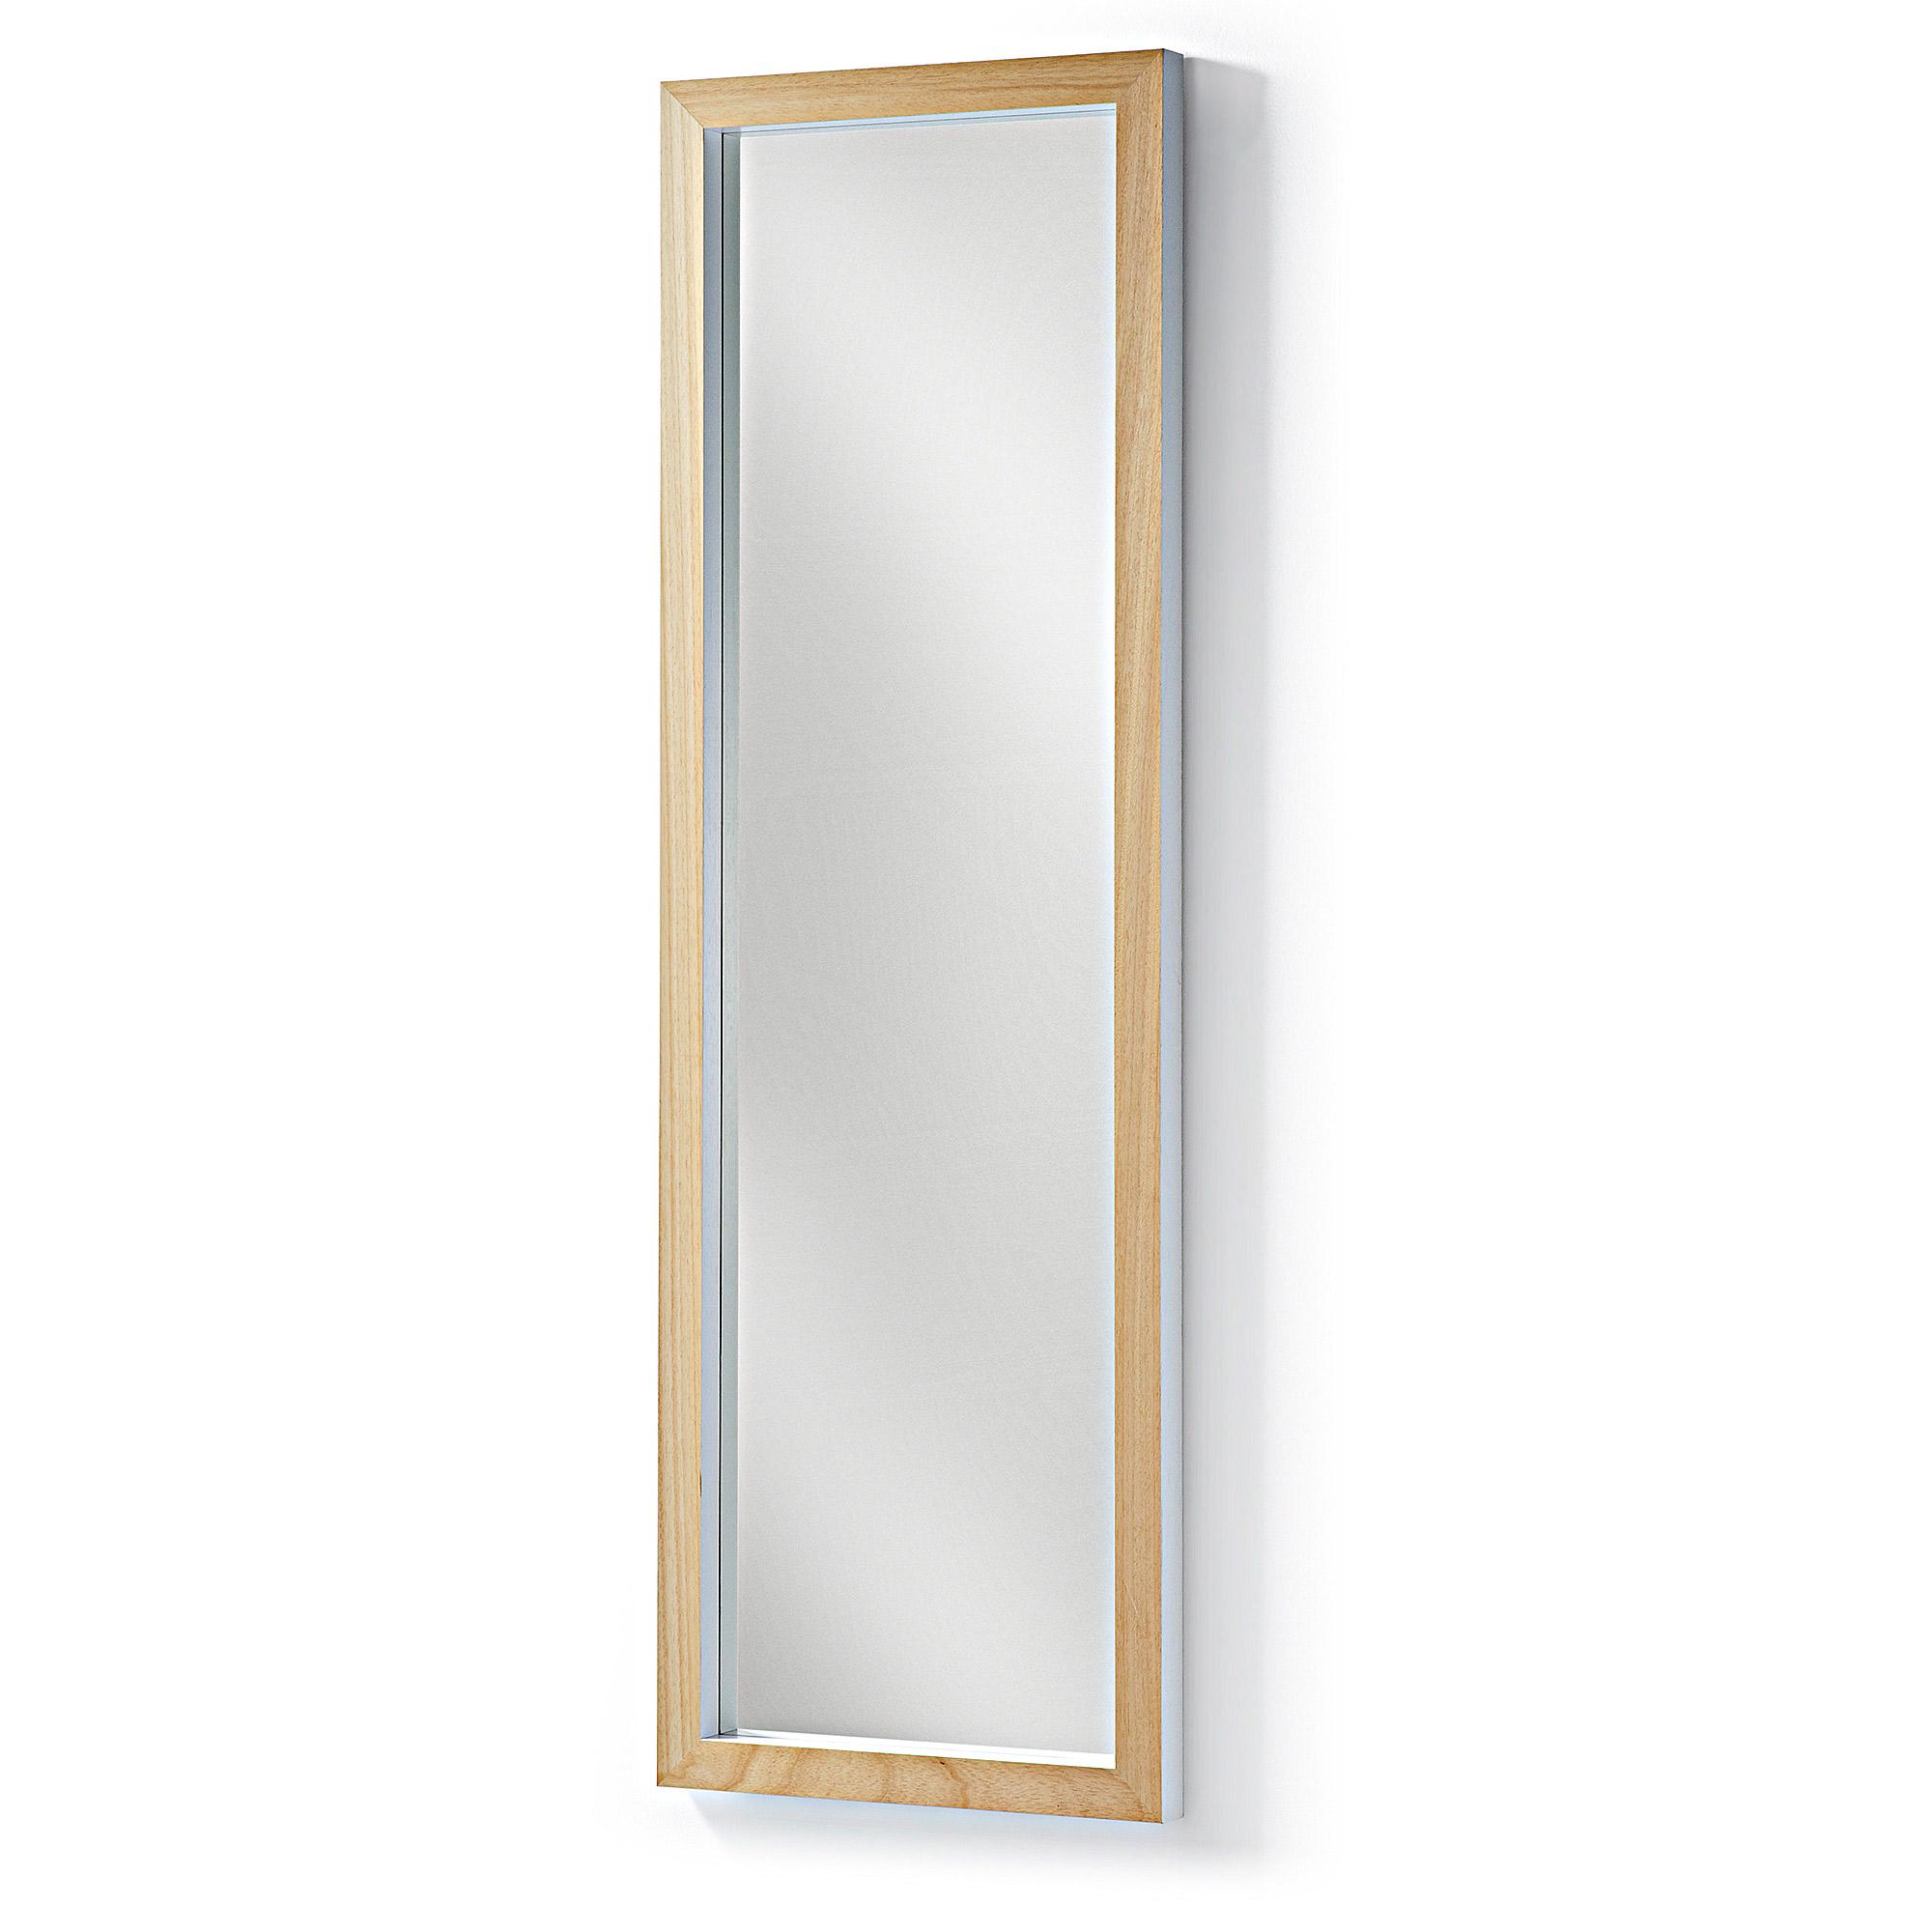 Зеркало drop (la forma) бежевый 48x148x4 см.